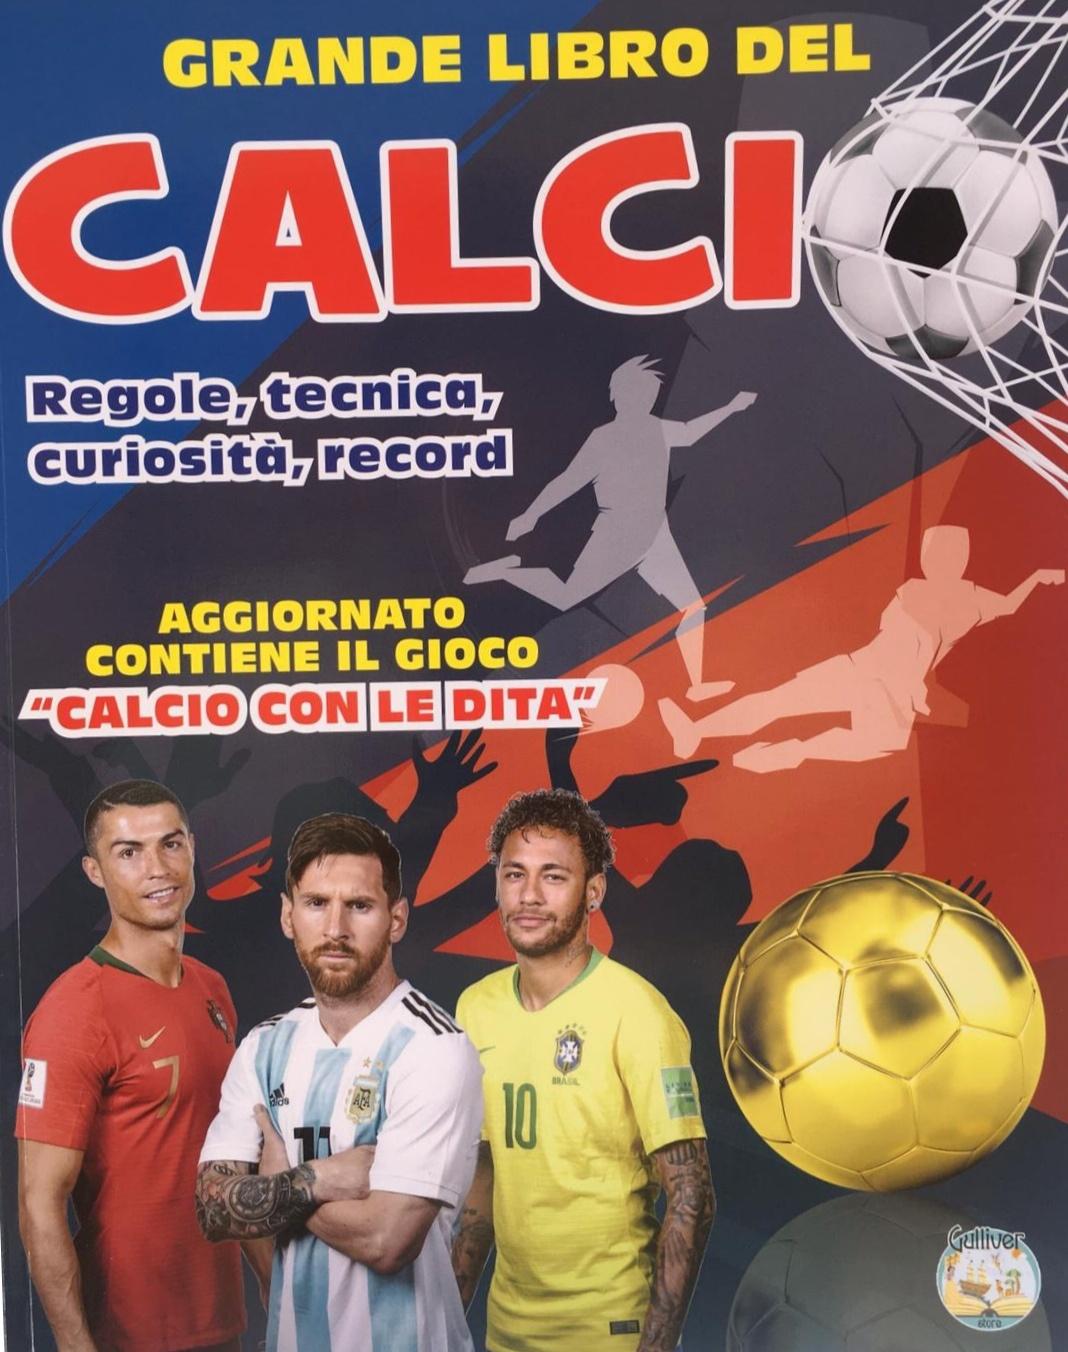 IL GIOCO DEL CALCIO - Spacebook.it - lo store dei libri online